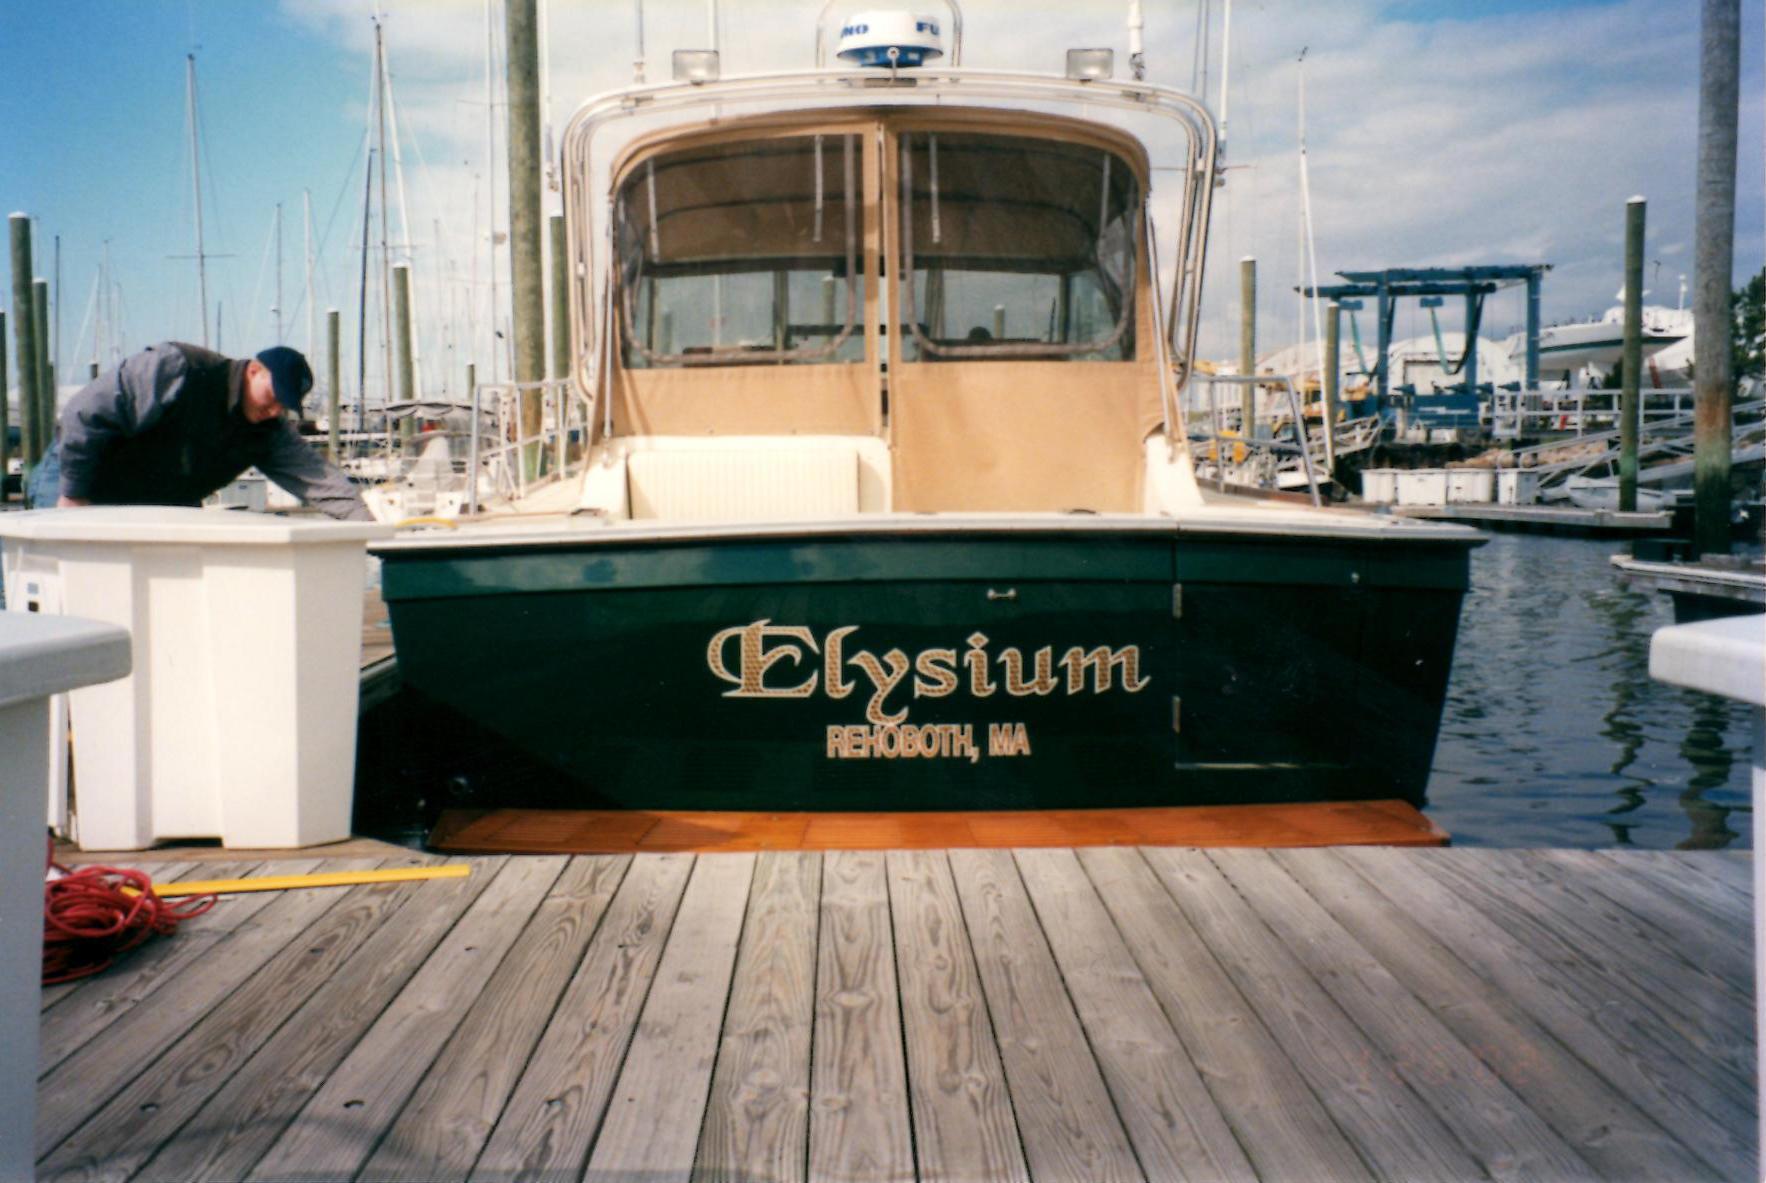 elysium-1.f1cb27a519bdb5b6ed34049a5b86e317